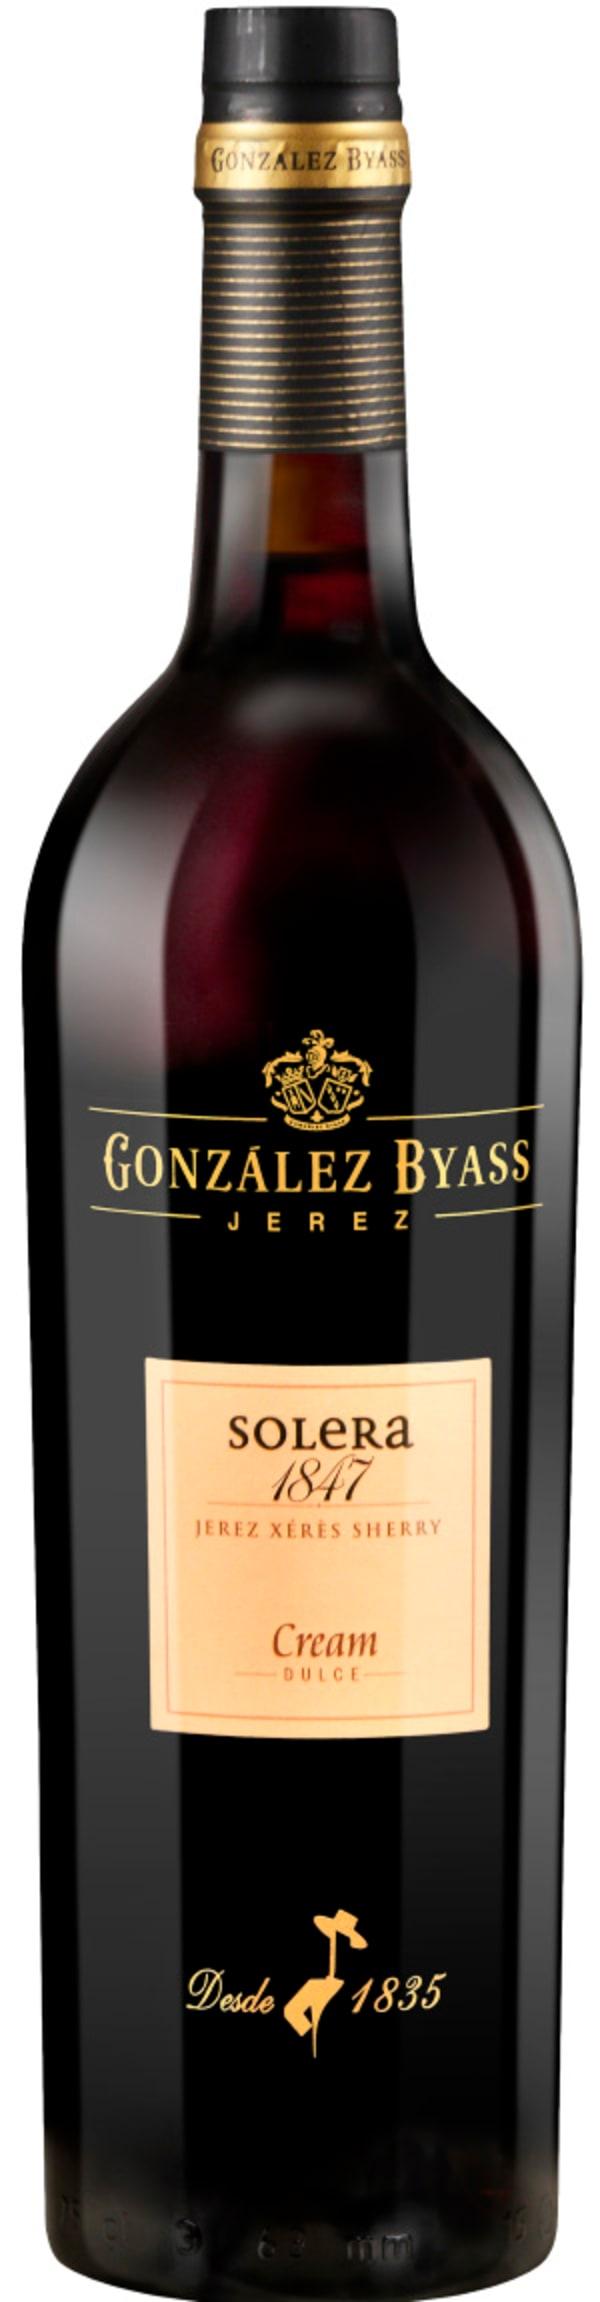 Solera 1847 Cream Sherry